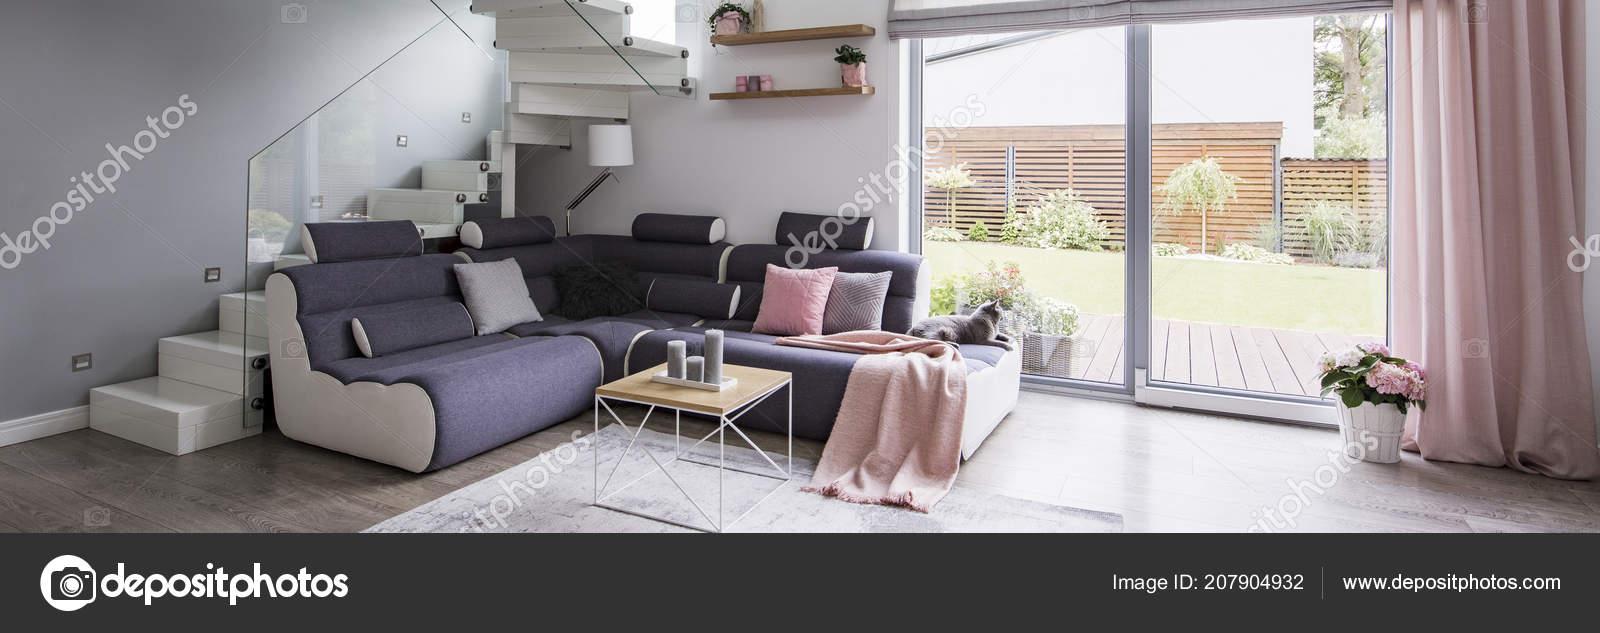 Lounge Ecke Mit Kissen Und Tisch Mit Kerzen Echtes Foto Stockfoto